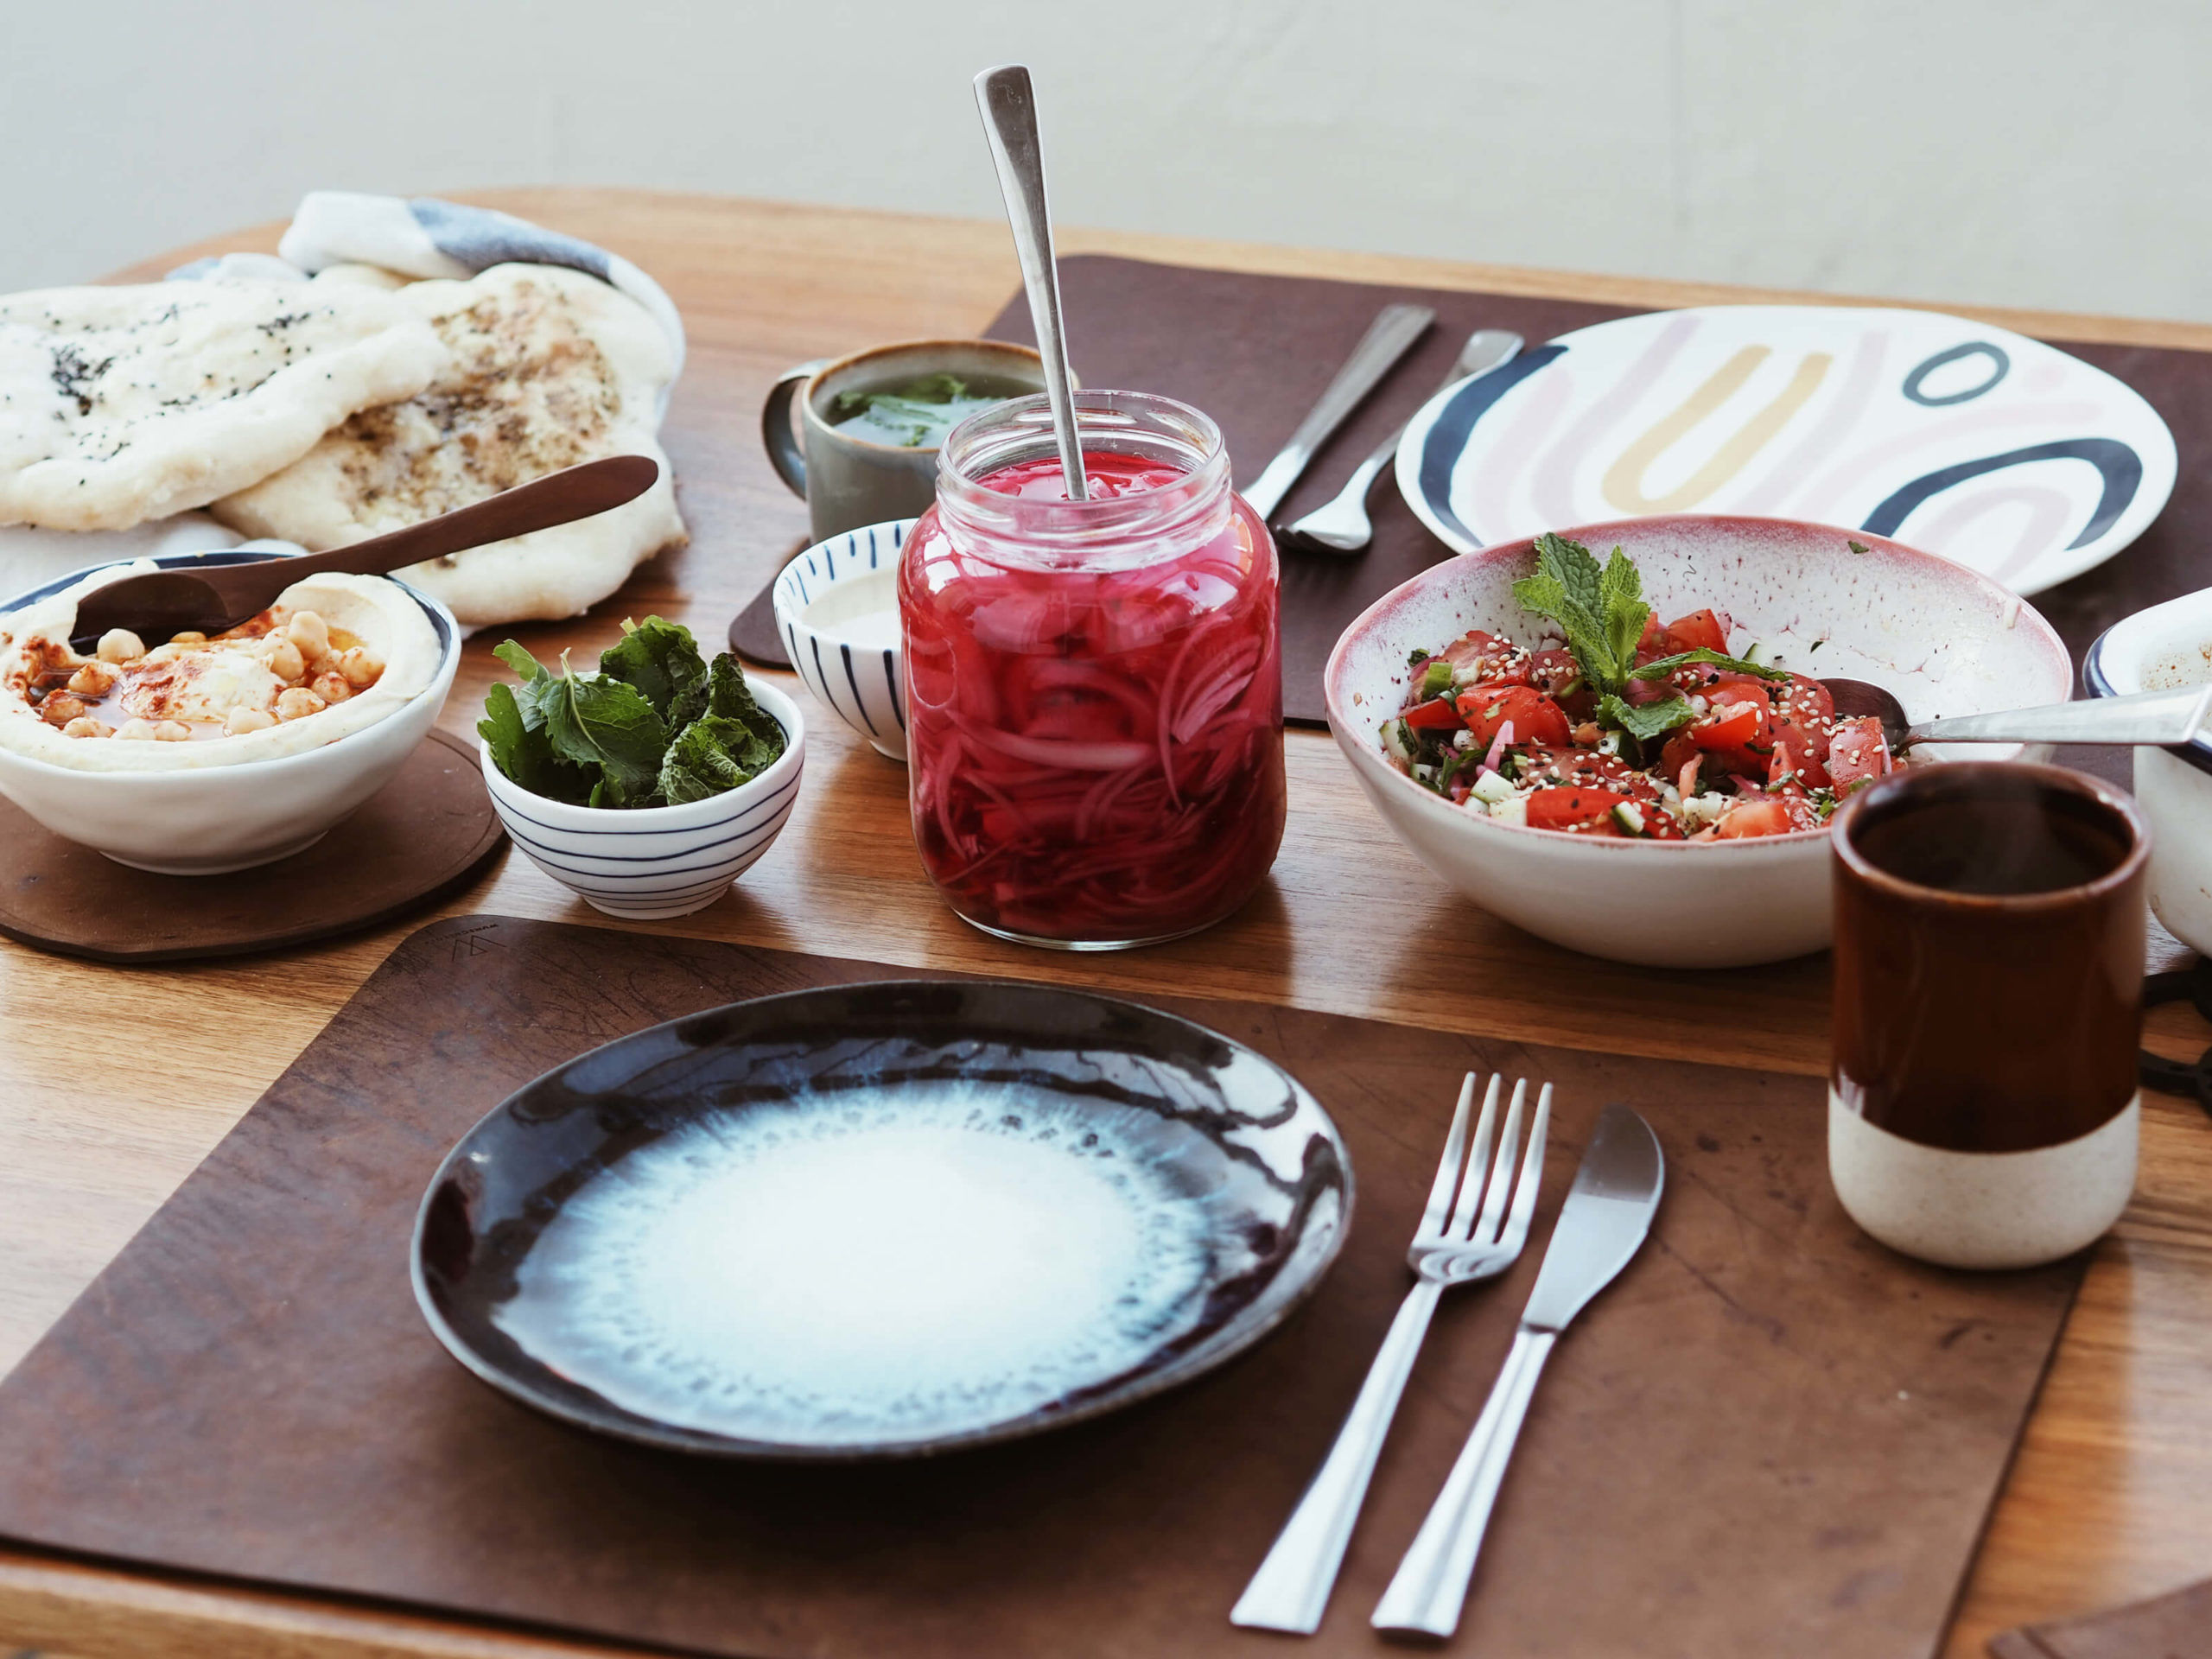 Orientalische Küche   zusammen essen  Freunde einladen   Wunschleder HOME